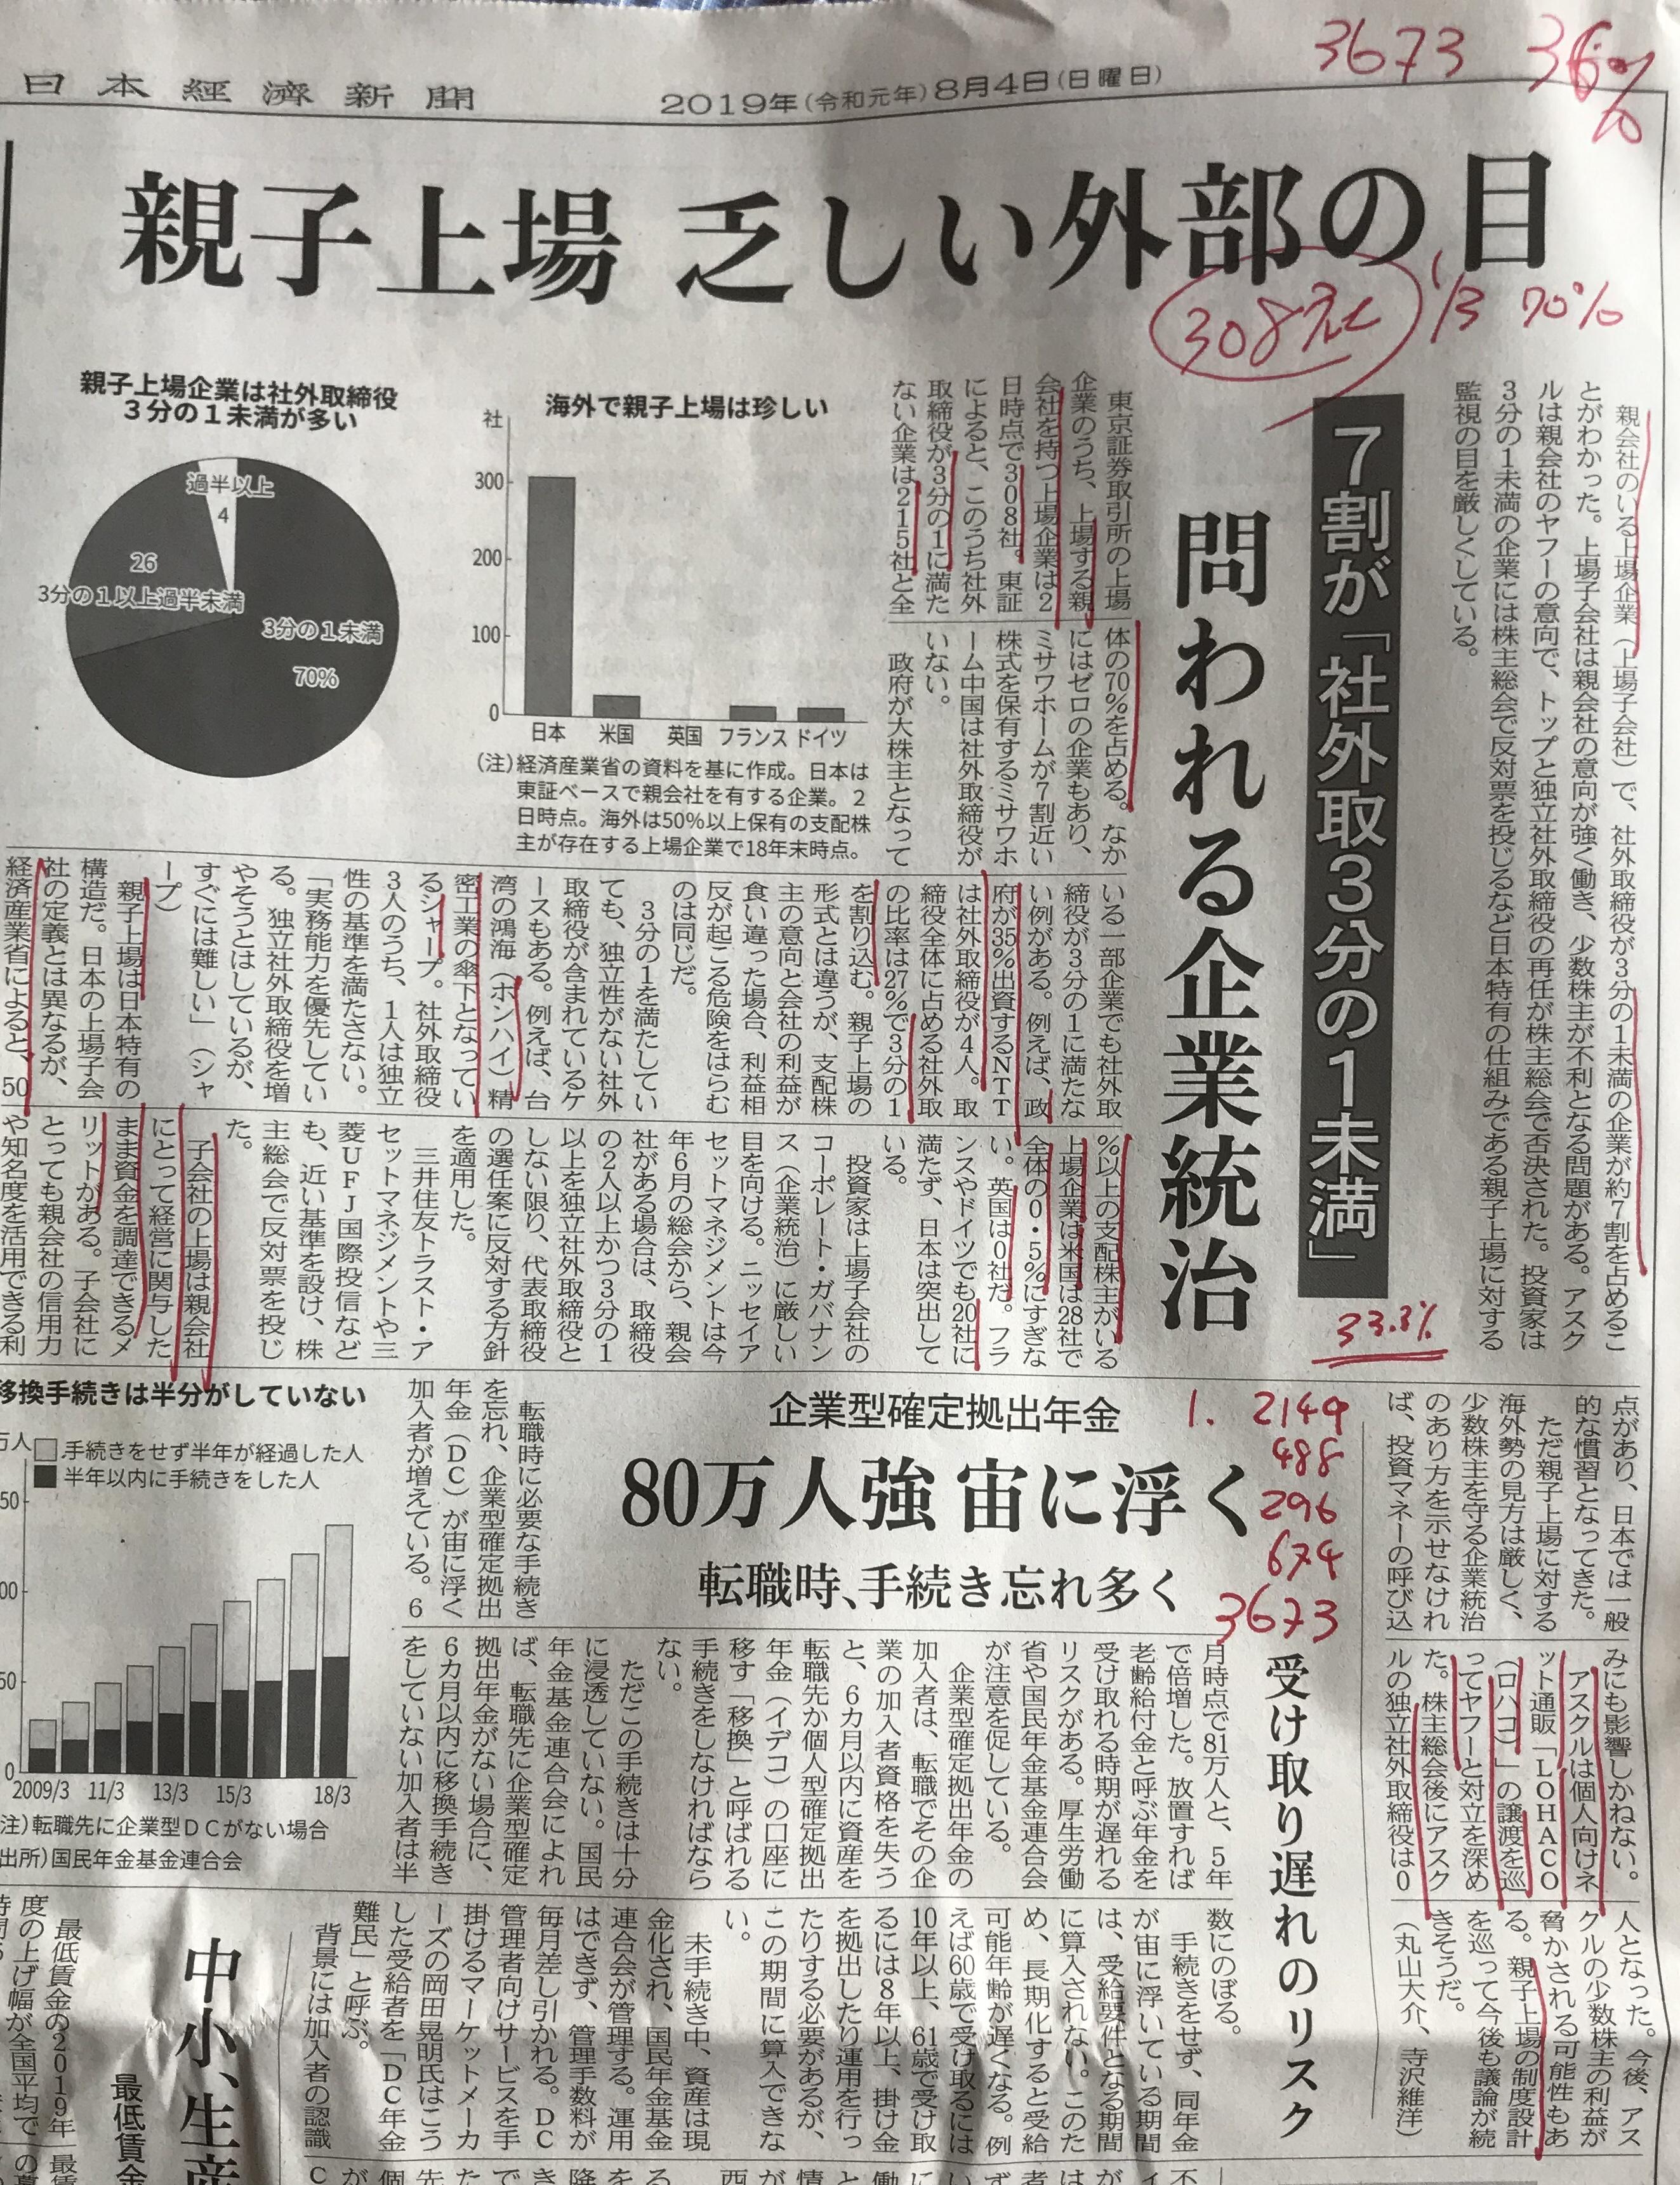 日本の親子上場会社308社。上場会社3673社中の308社で8.38%そのうち7割が社外取締役1/3未満の意味 38